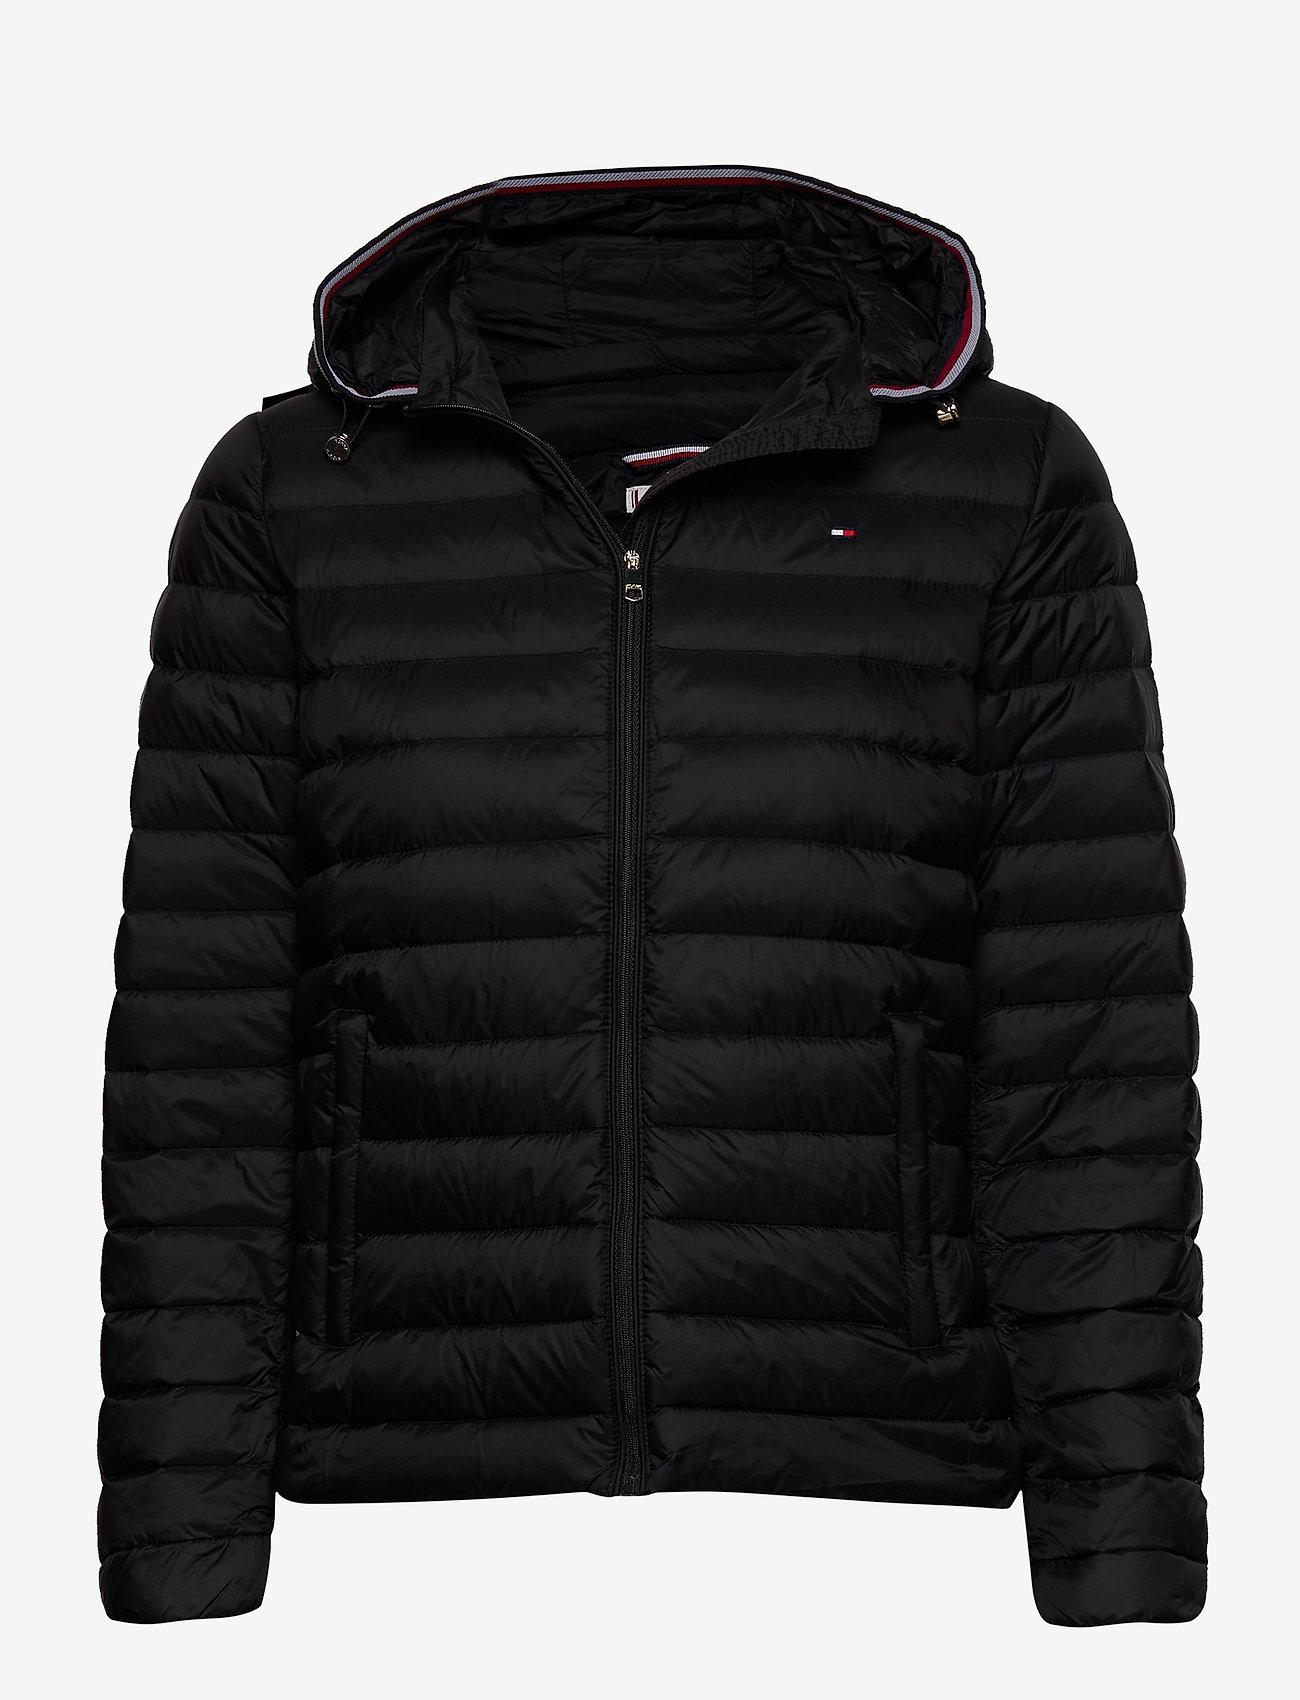 Tommy Hilfiger - TH ESSENTIAL LW DWN - down- & padded jackets - black - 0